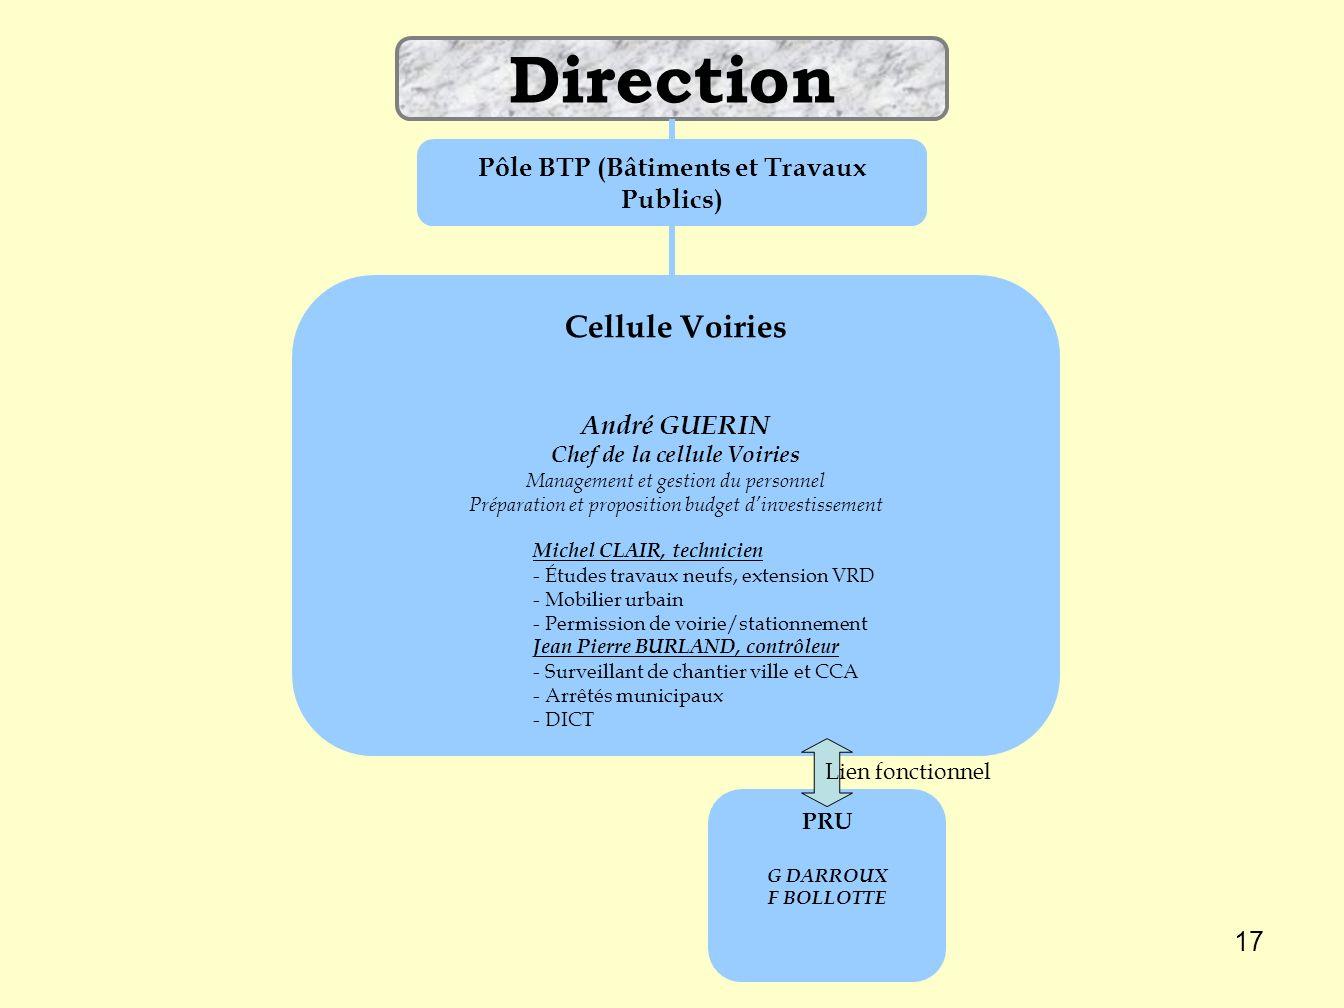 Pôle BTP (Bâtiments et Travaux Publics) Chef de la cellule Voiries